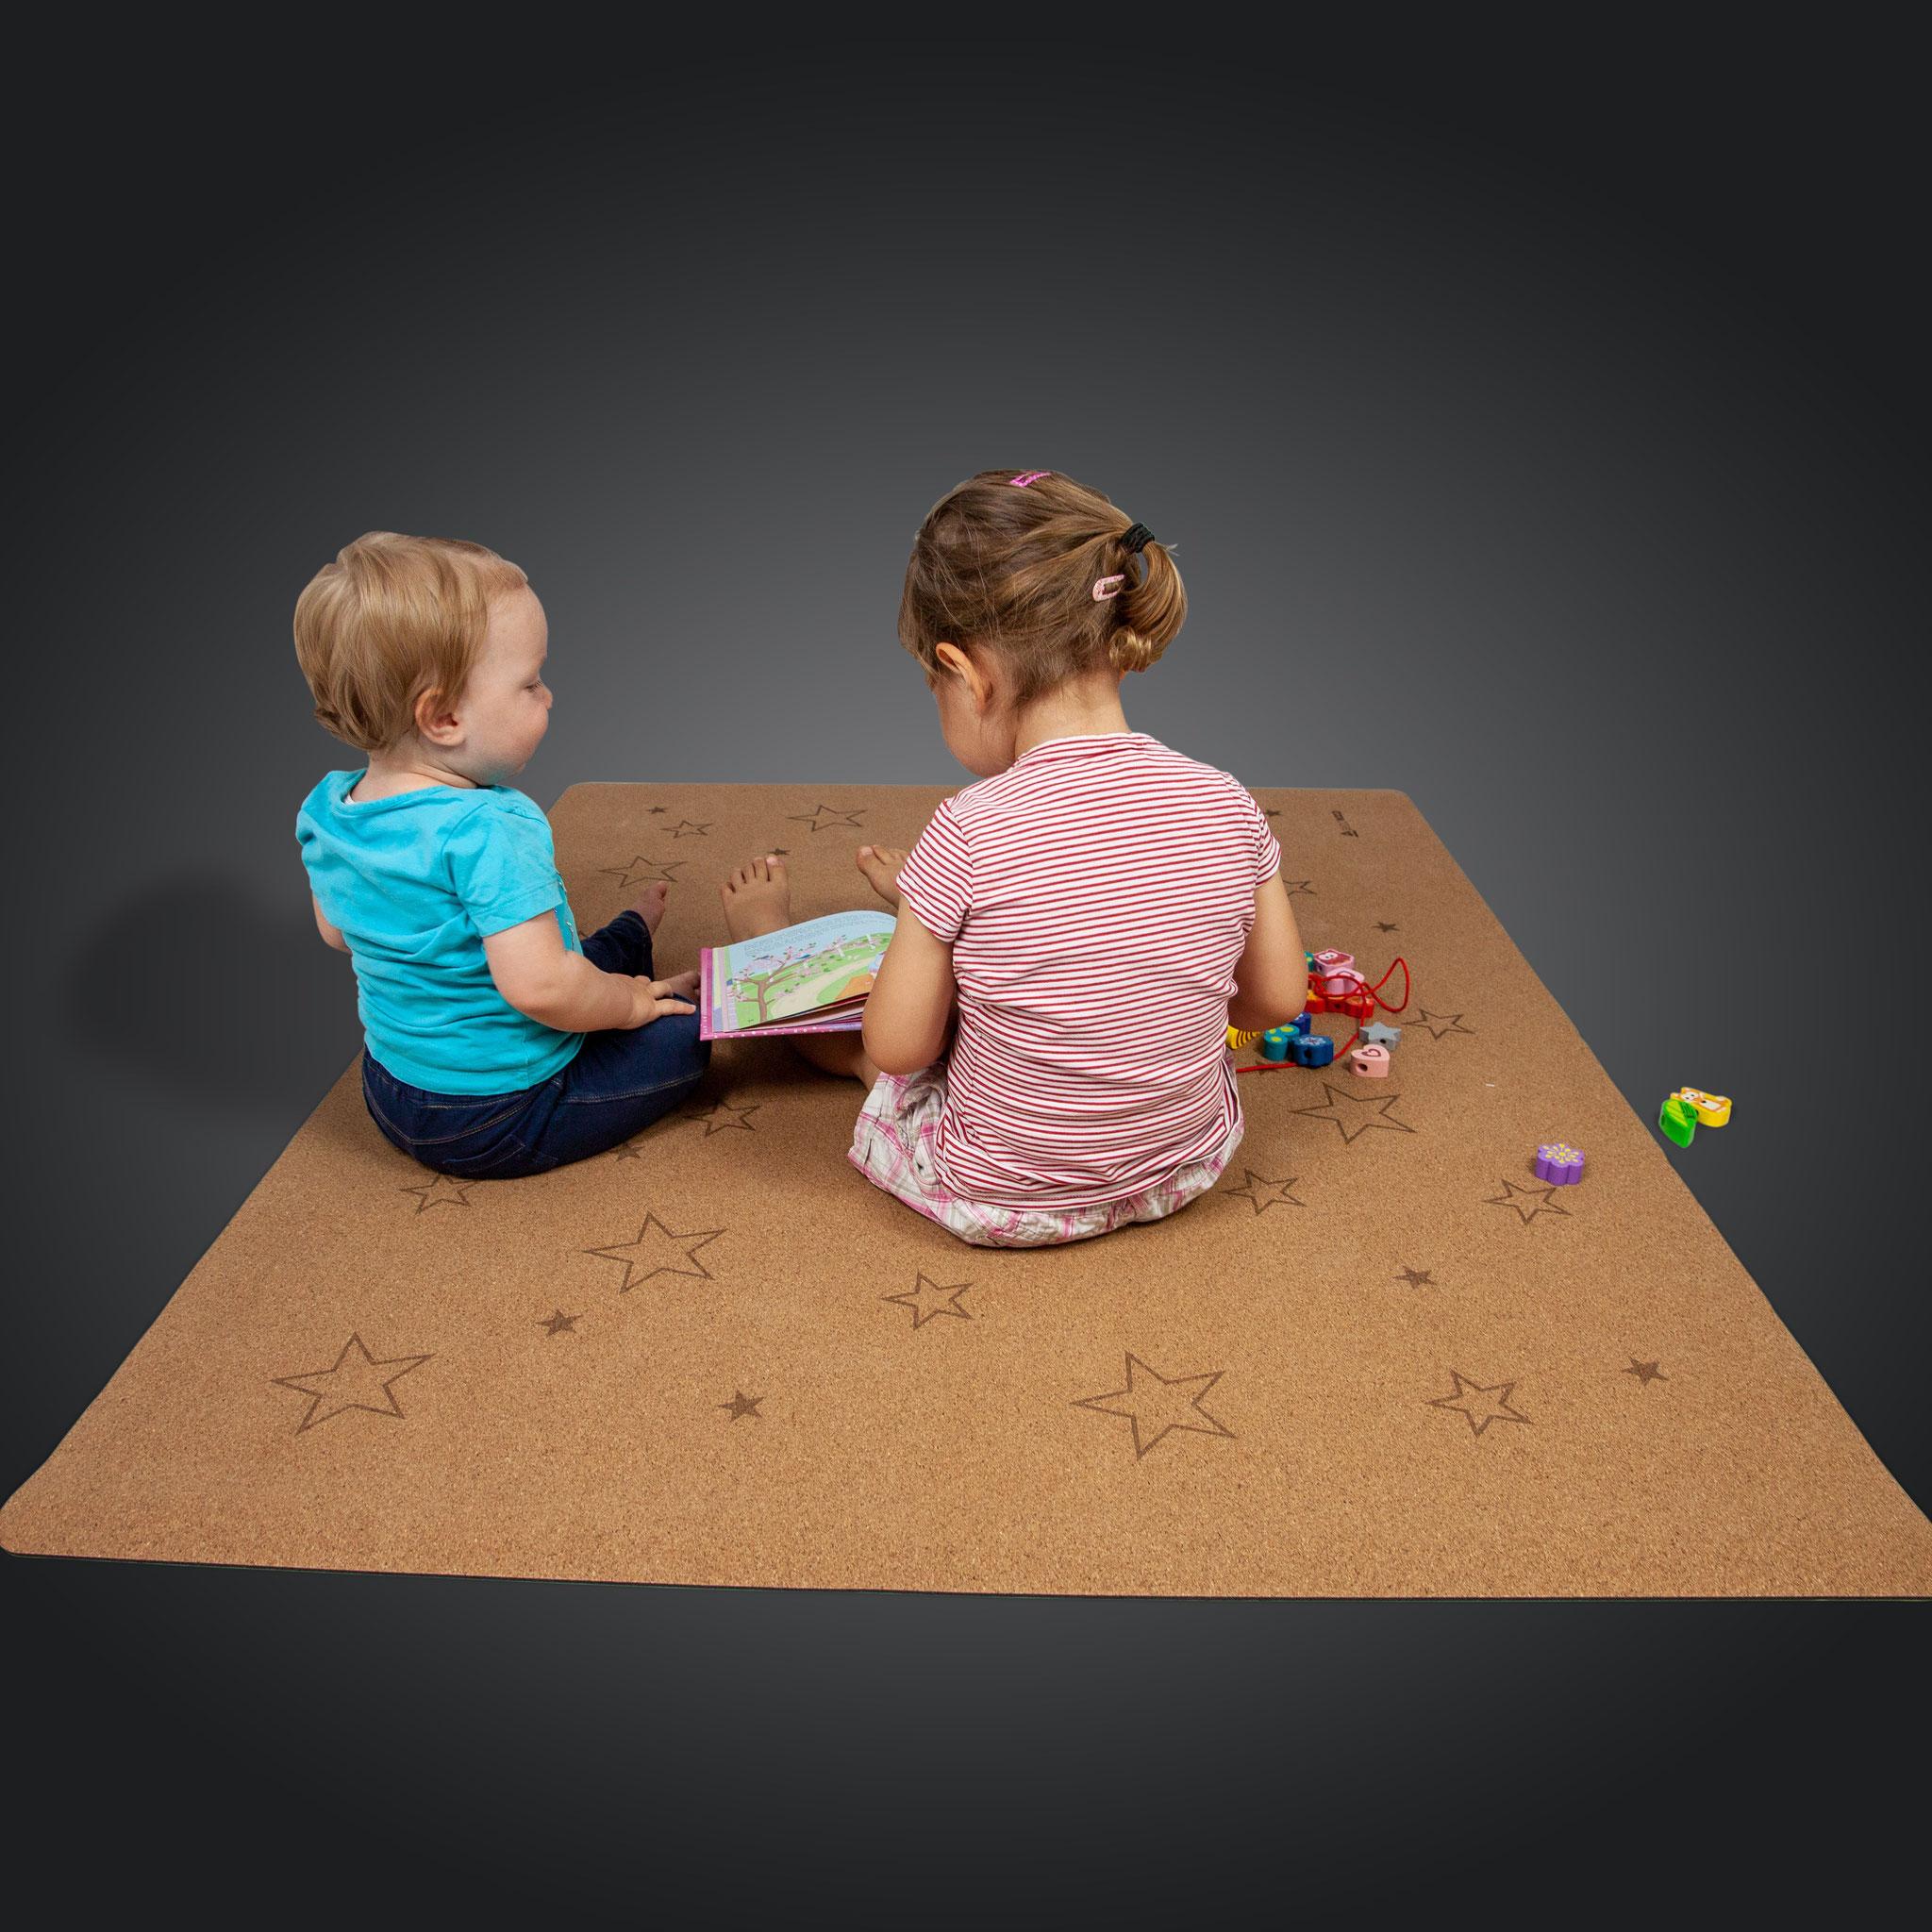 Spielmatte *Stars* 140x110cm